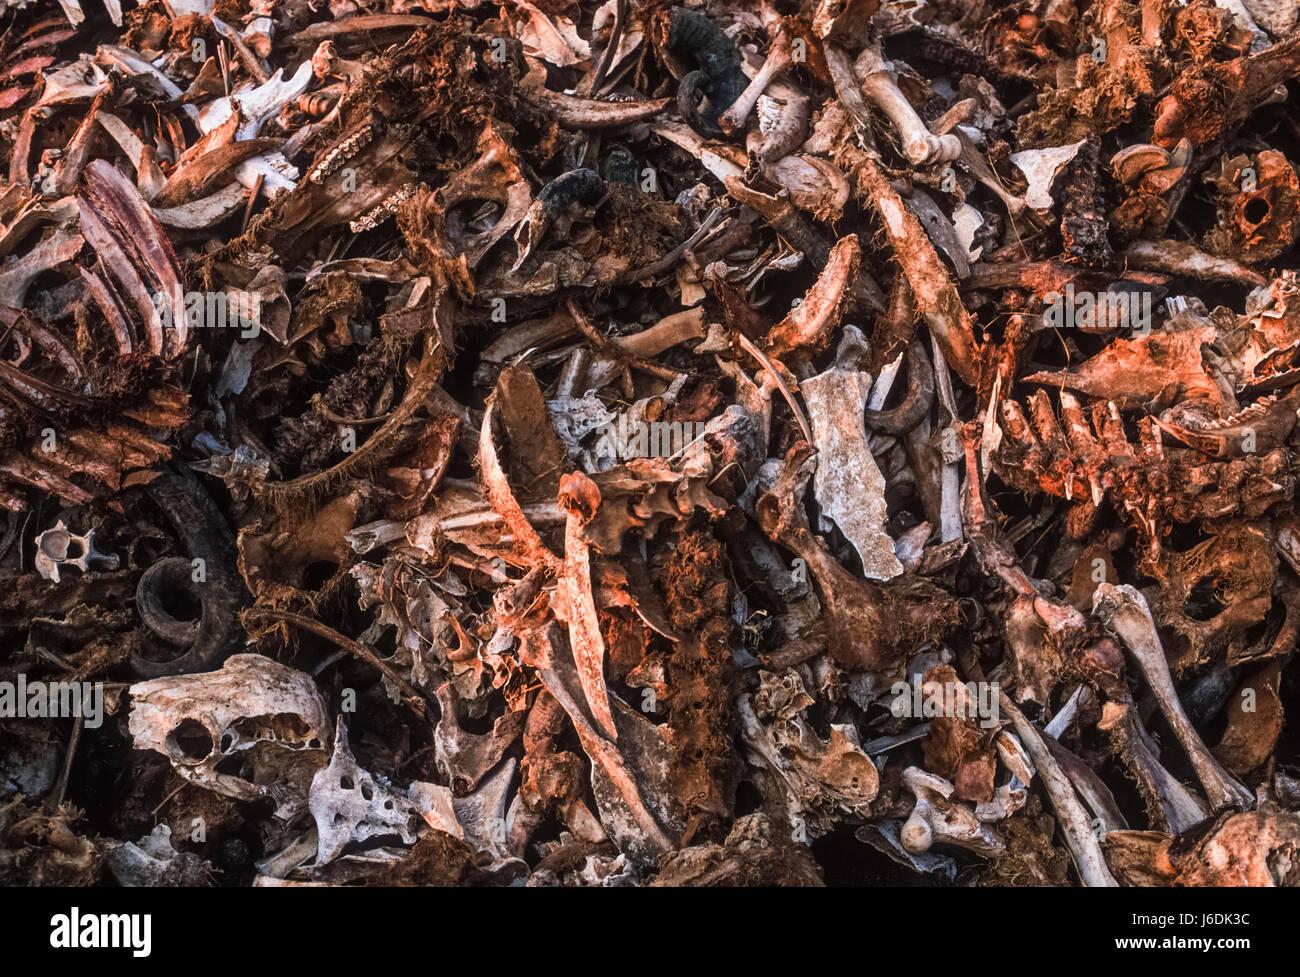 Haufen Tierknochen aus Düngemittelfabrik, Bharatpur, Rajasthan, Indien Stockbild